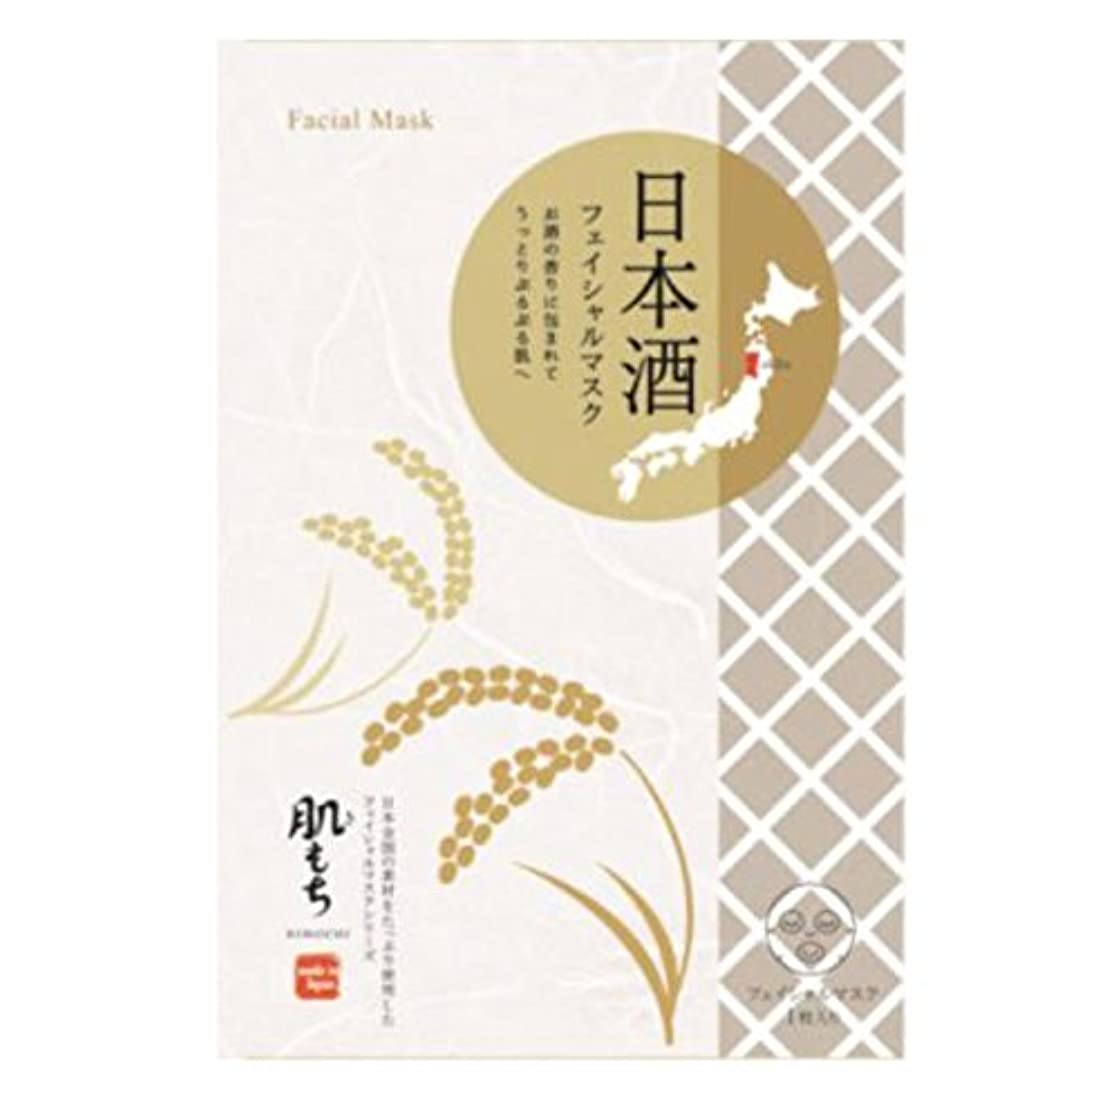 悲しいことにこどもの日忠実な肌もち(きもち) フェイシャルマスク 日本酒(1枚20ml) 5枚セット